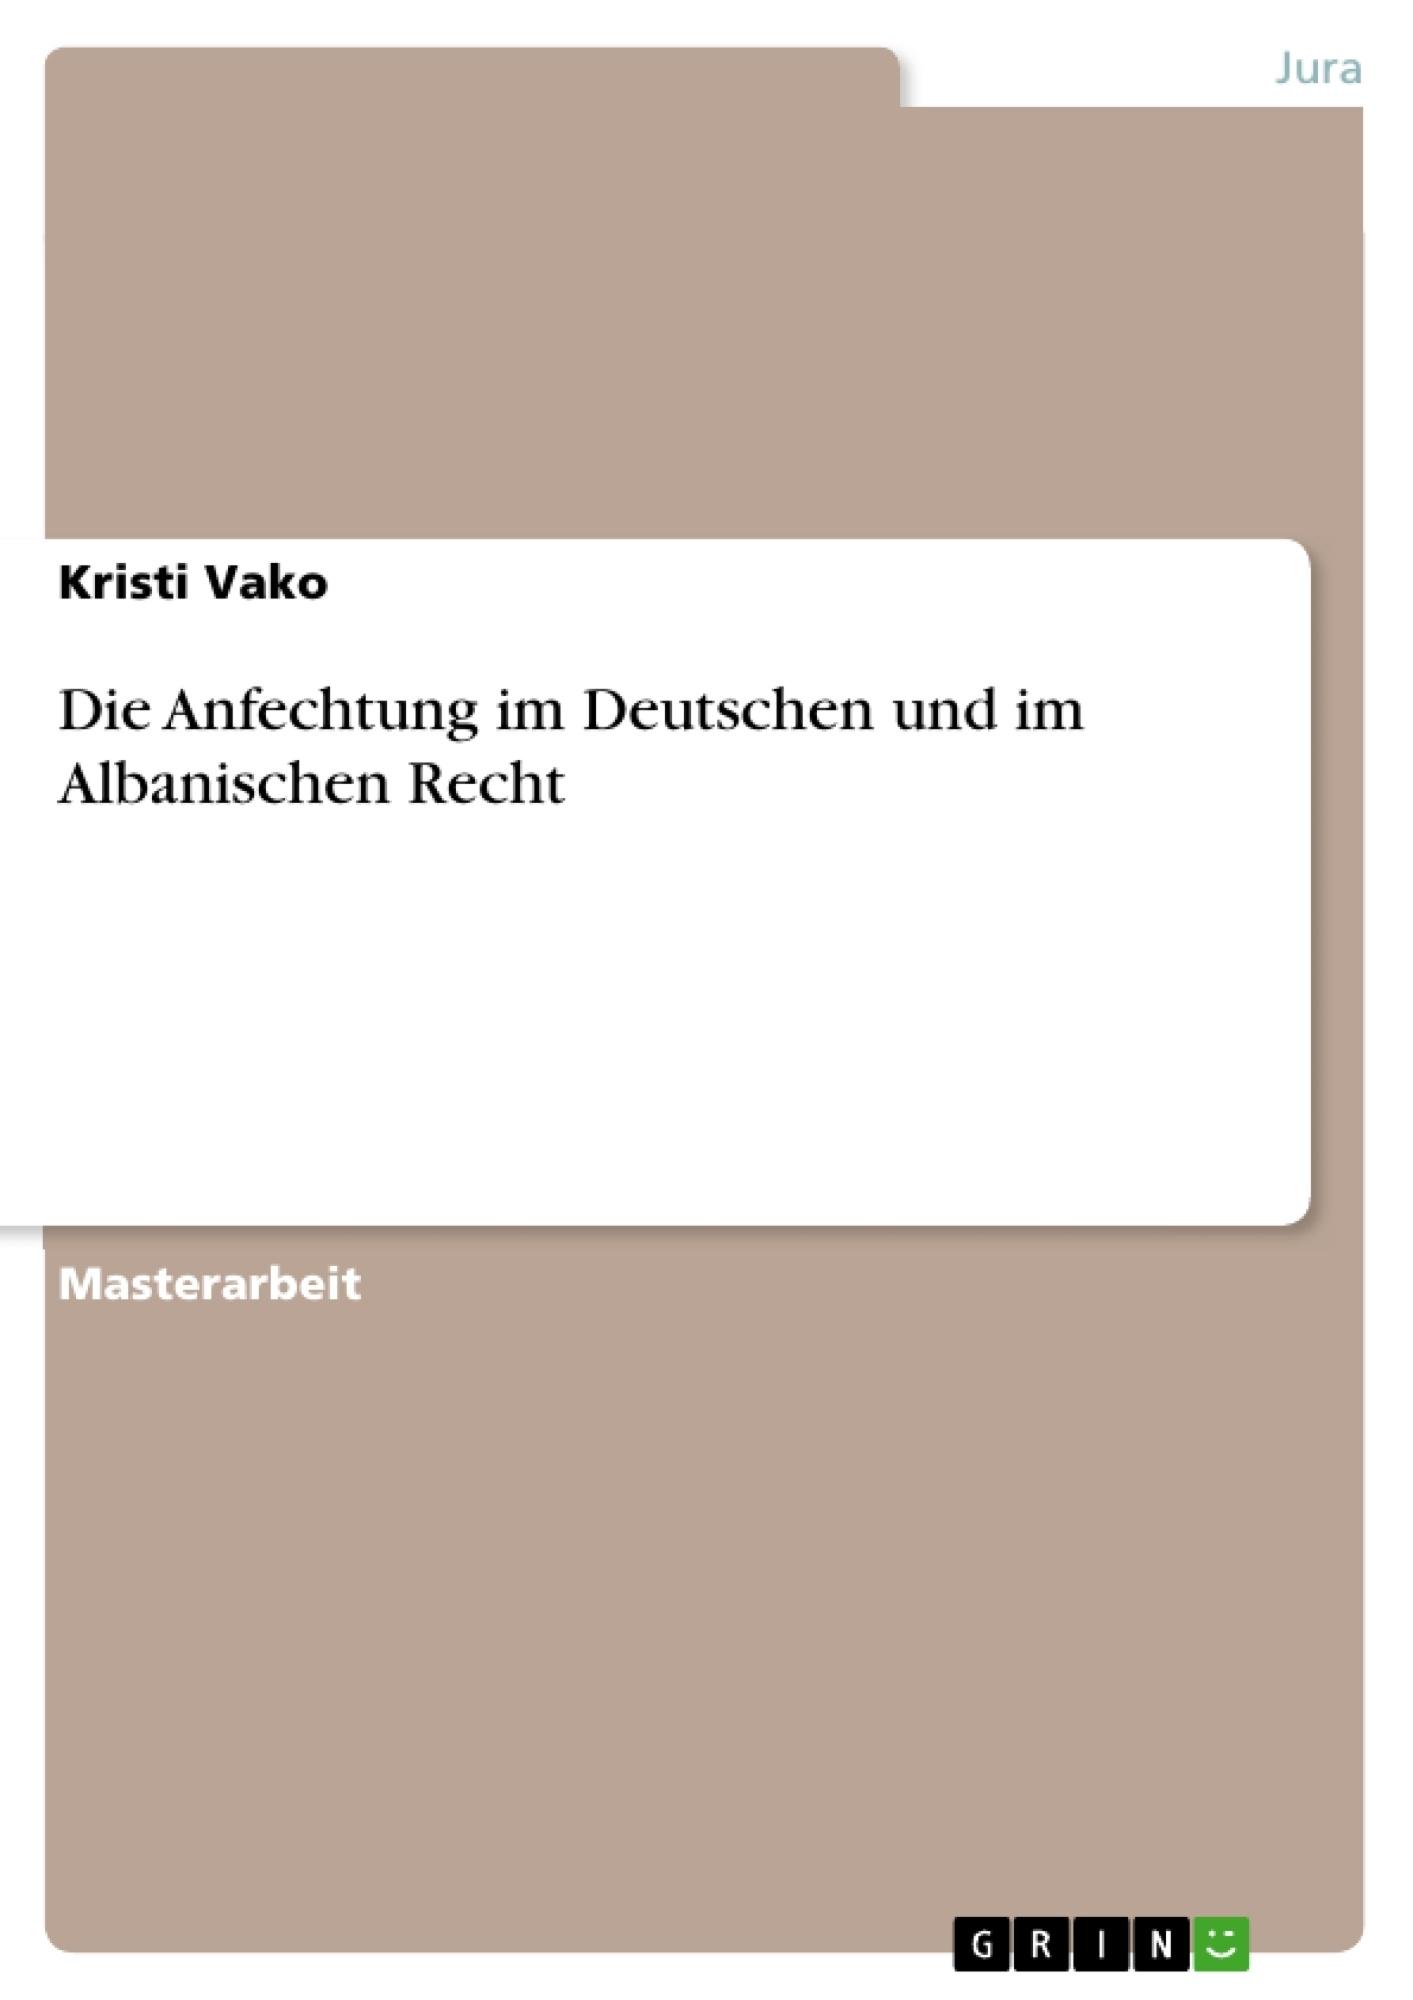 Titel: Die Anfechtung im Deutschen und im Albanischen Recht